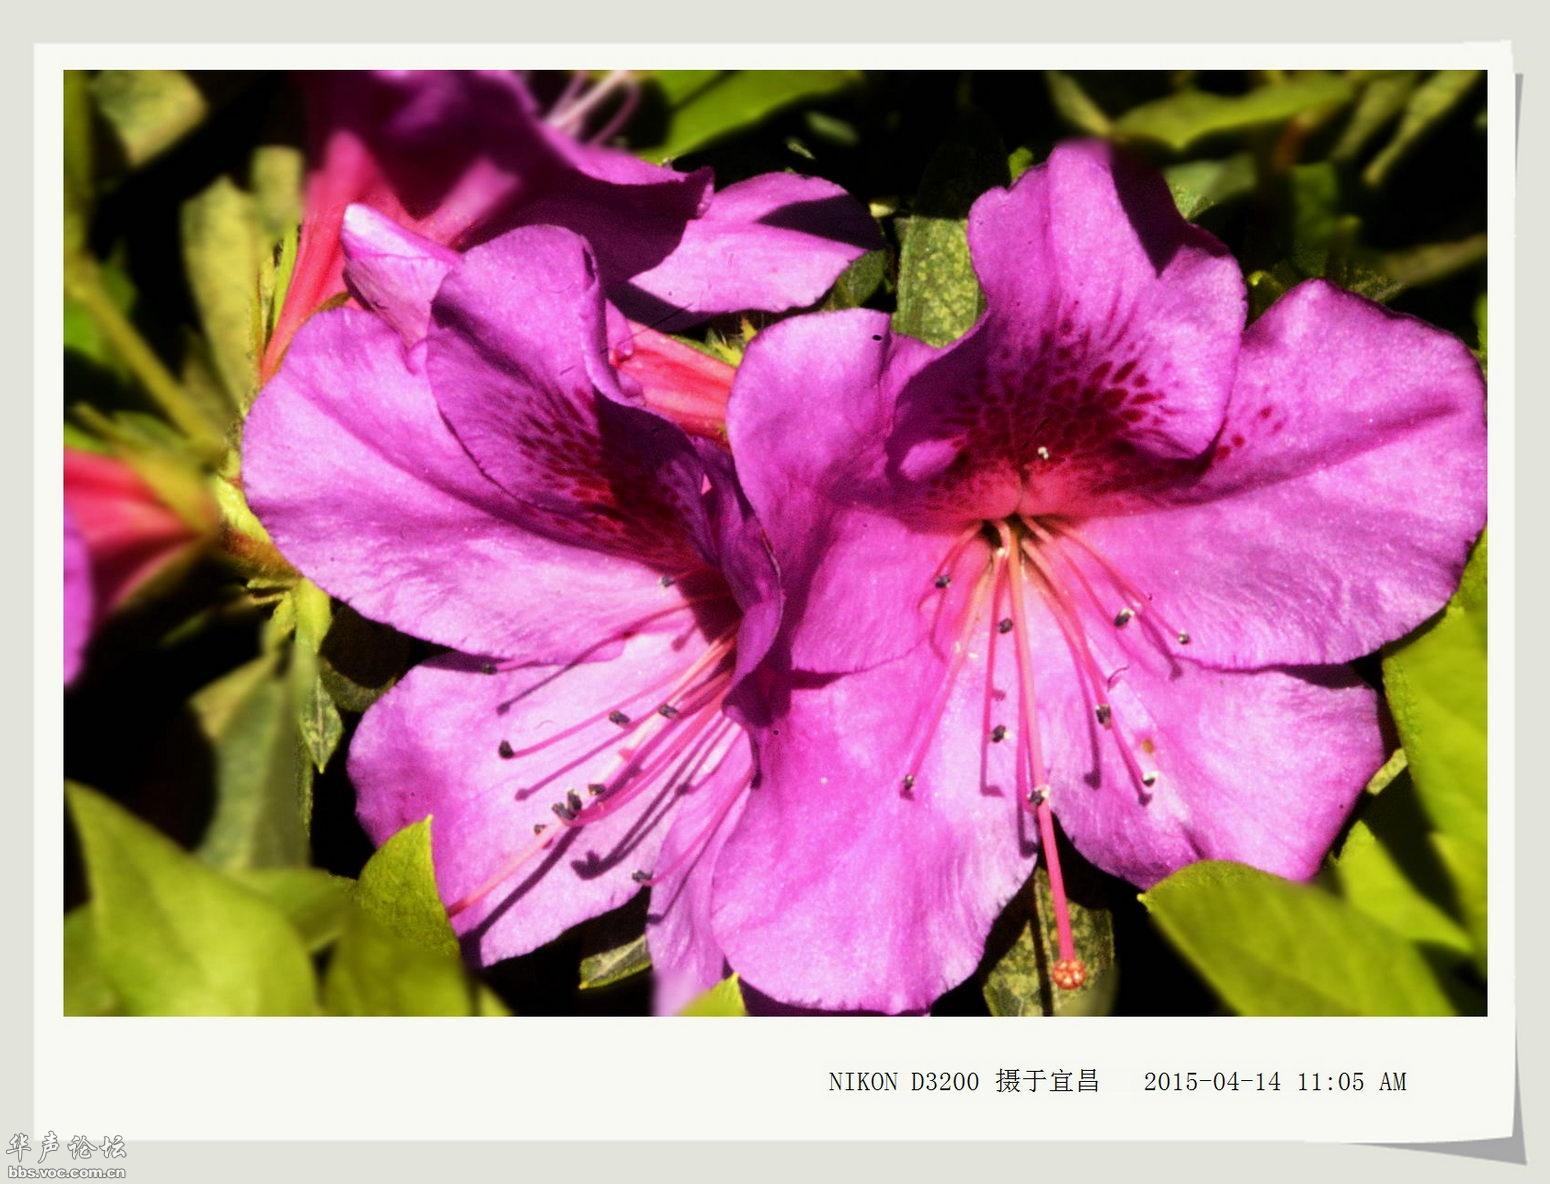 梅花几月有花骨朵